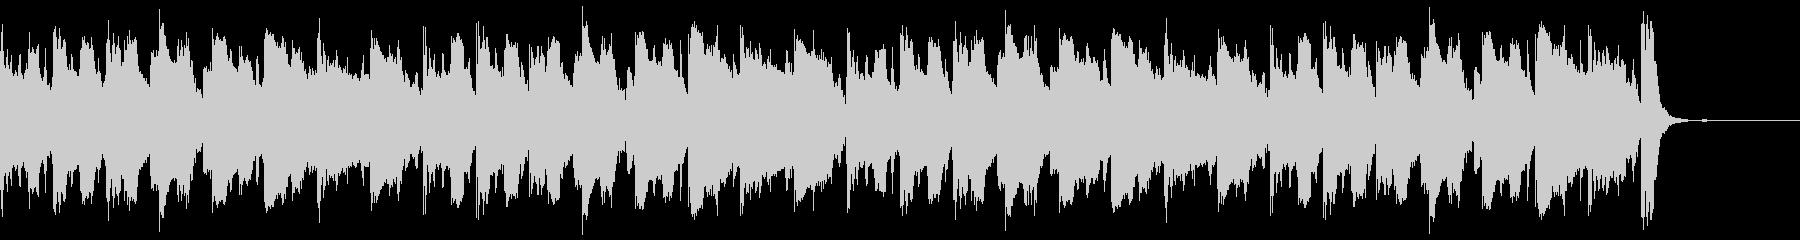 ネットCM 30秒 リコーダーB 日常の未再生の波形